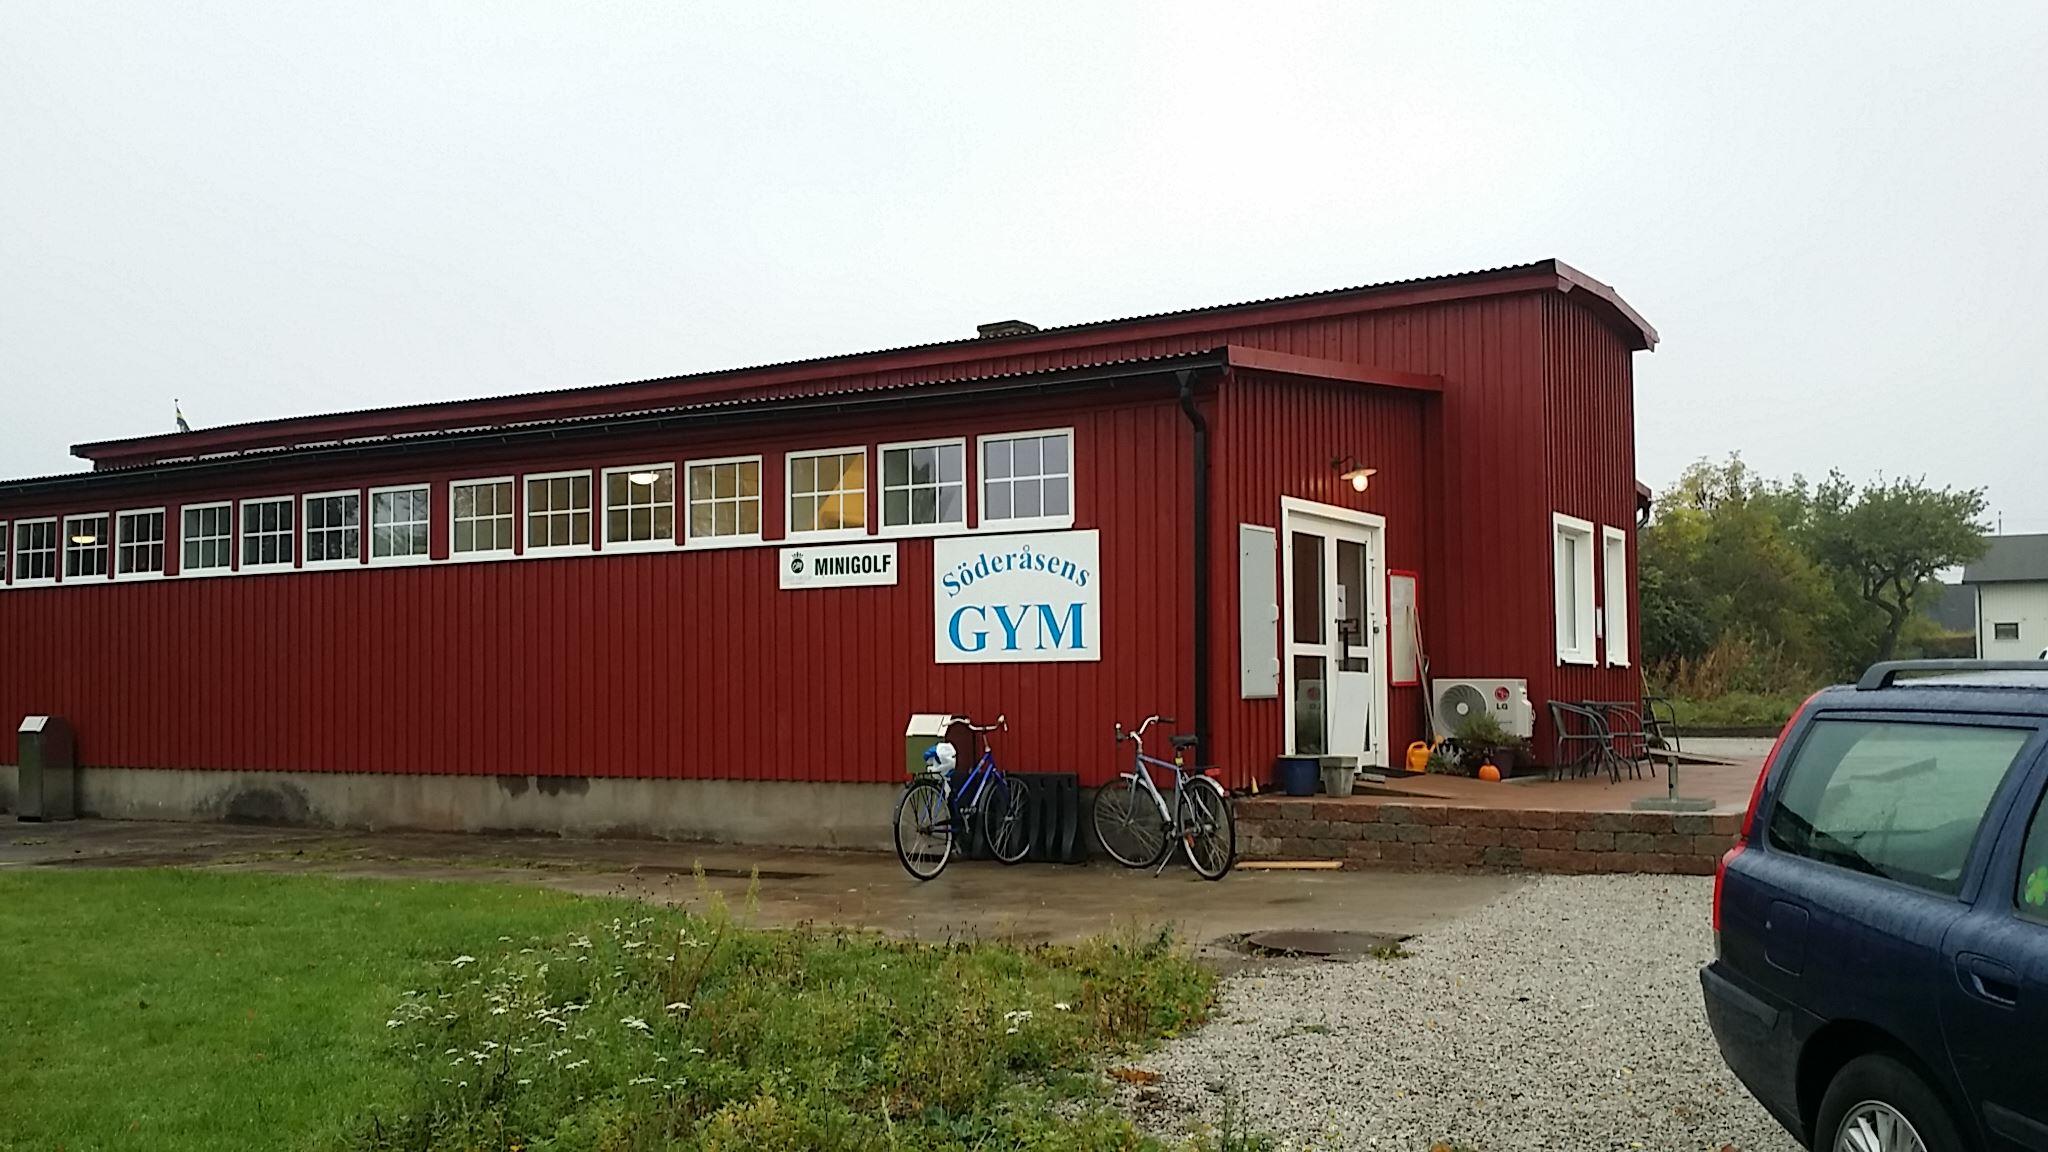 Kågeröd - Söderåsens Gym